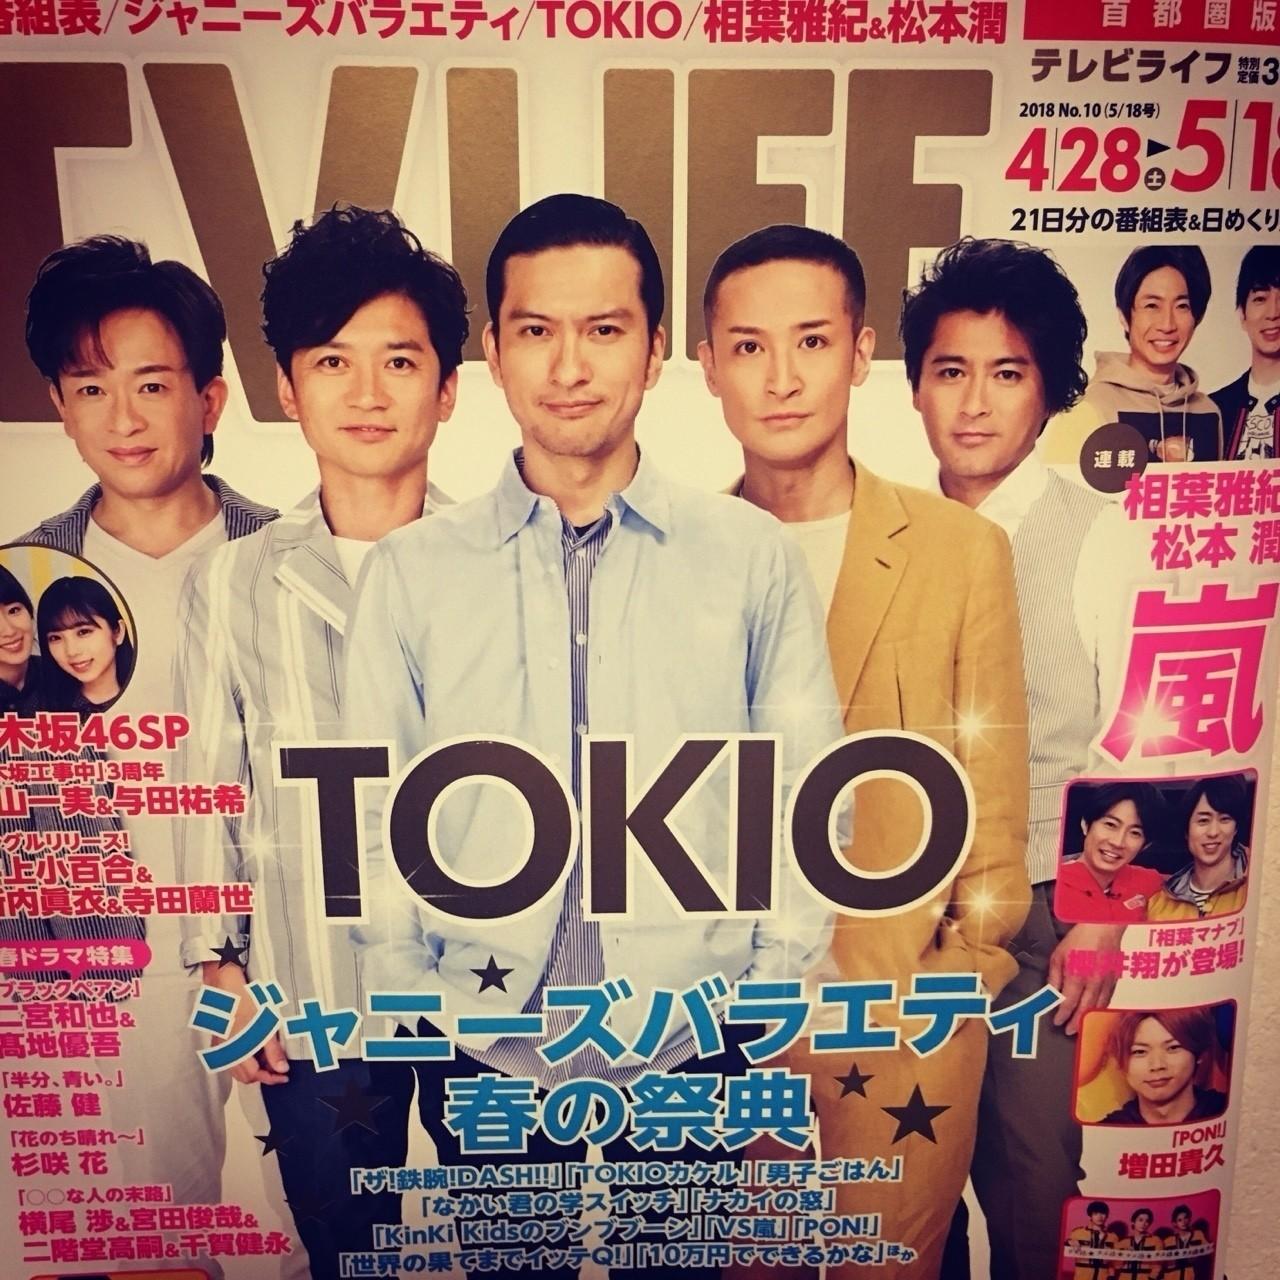 1995年からのtokio バンド バラエティ 福島 surf and literature note